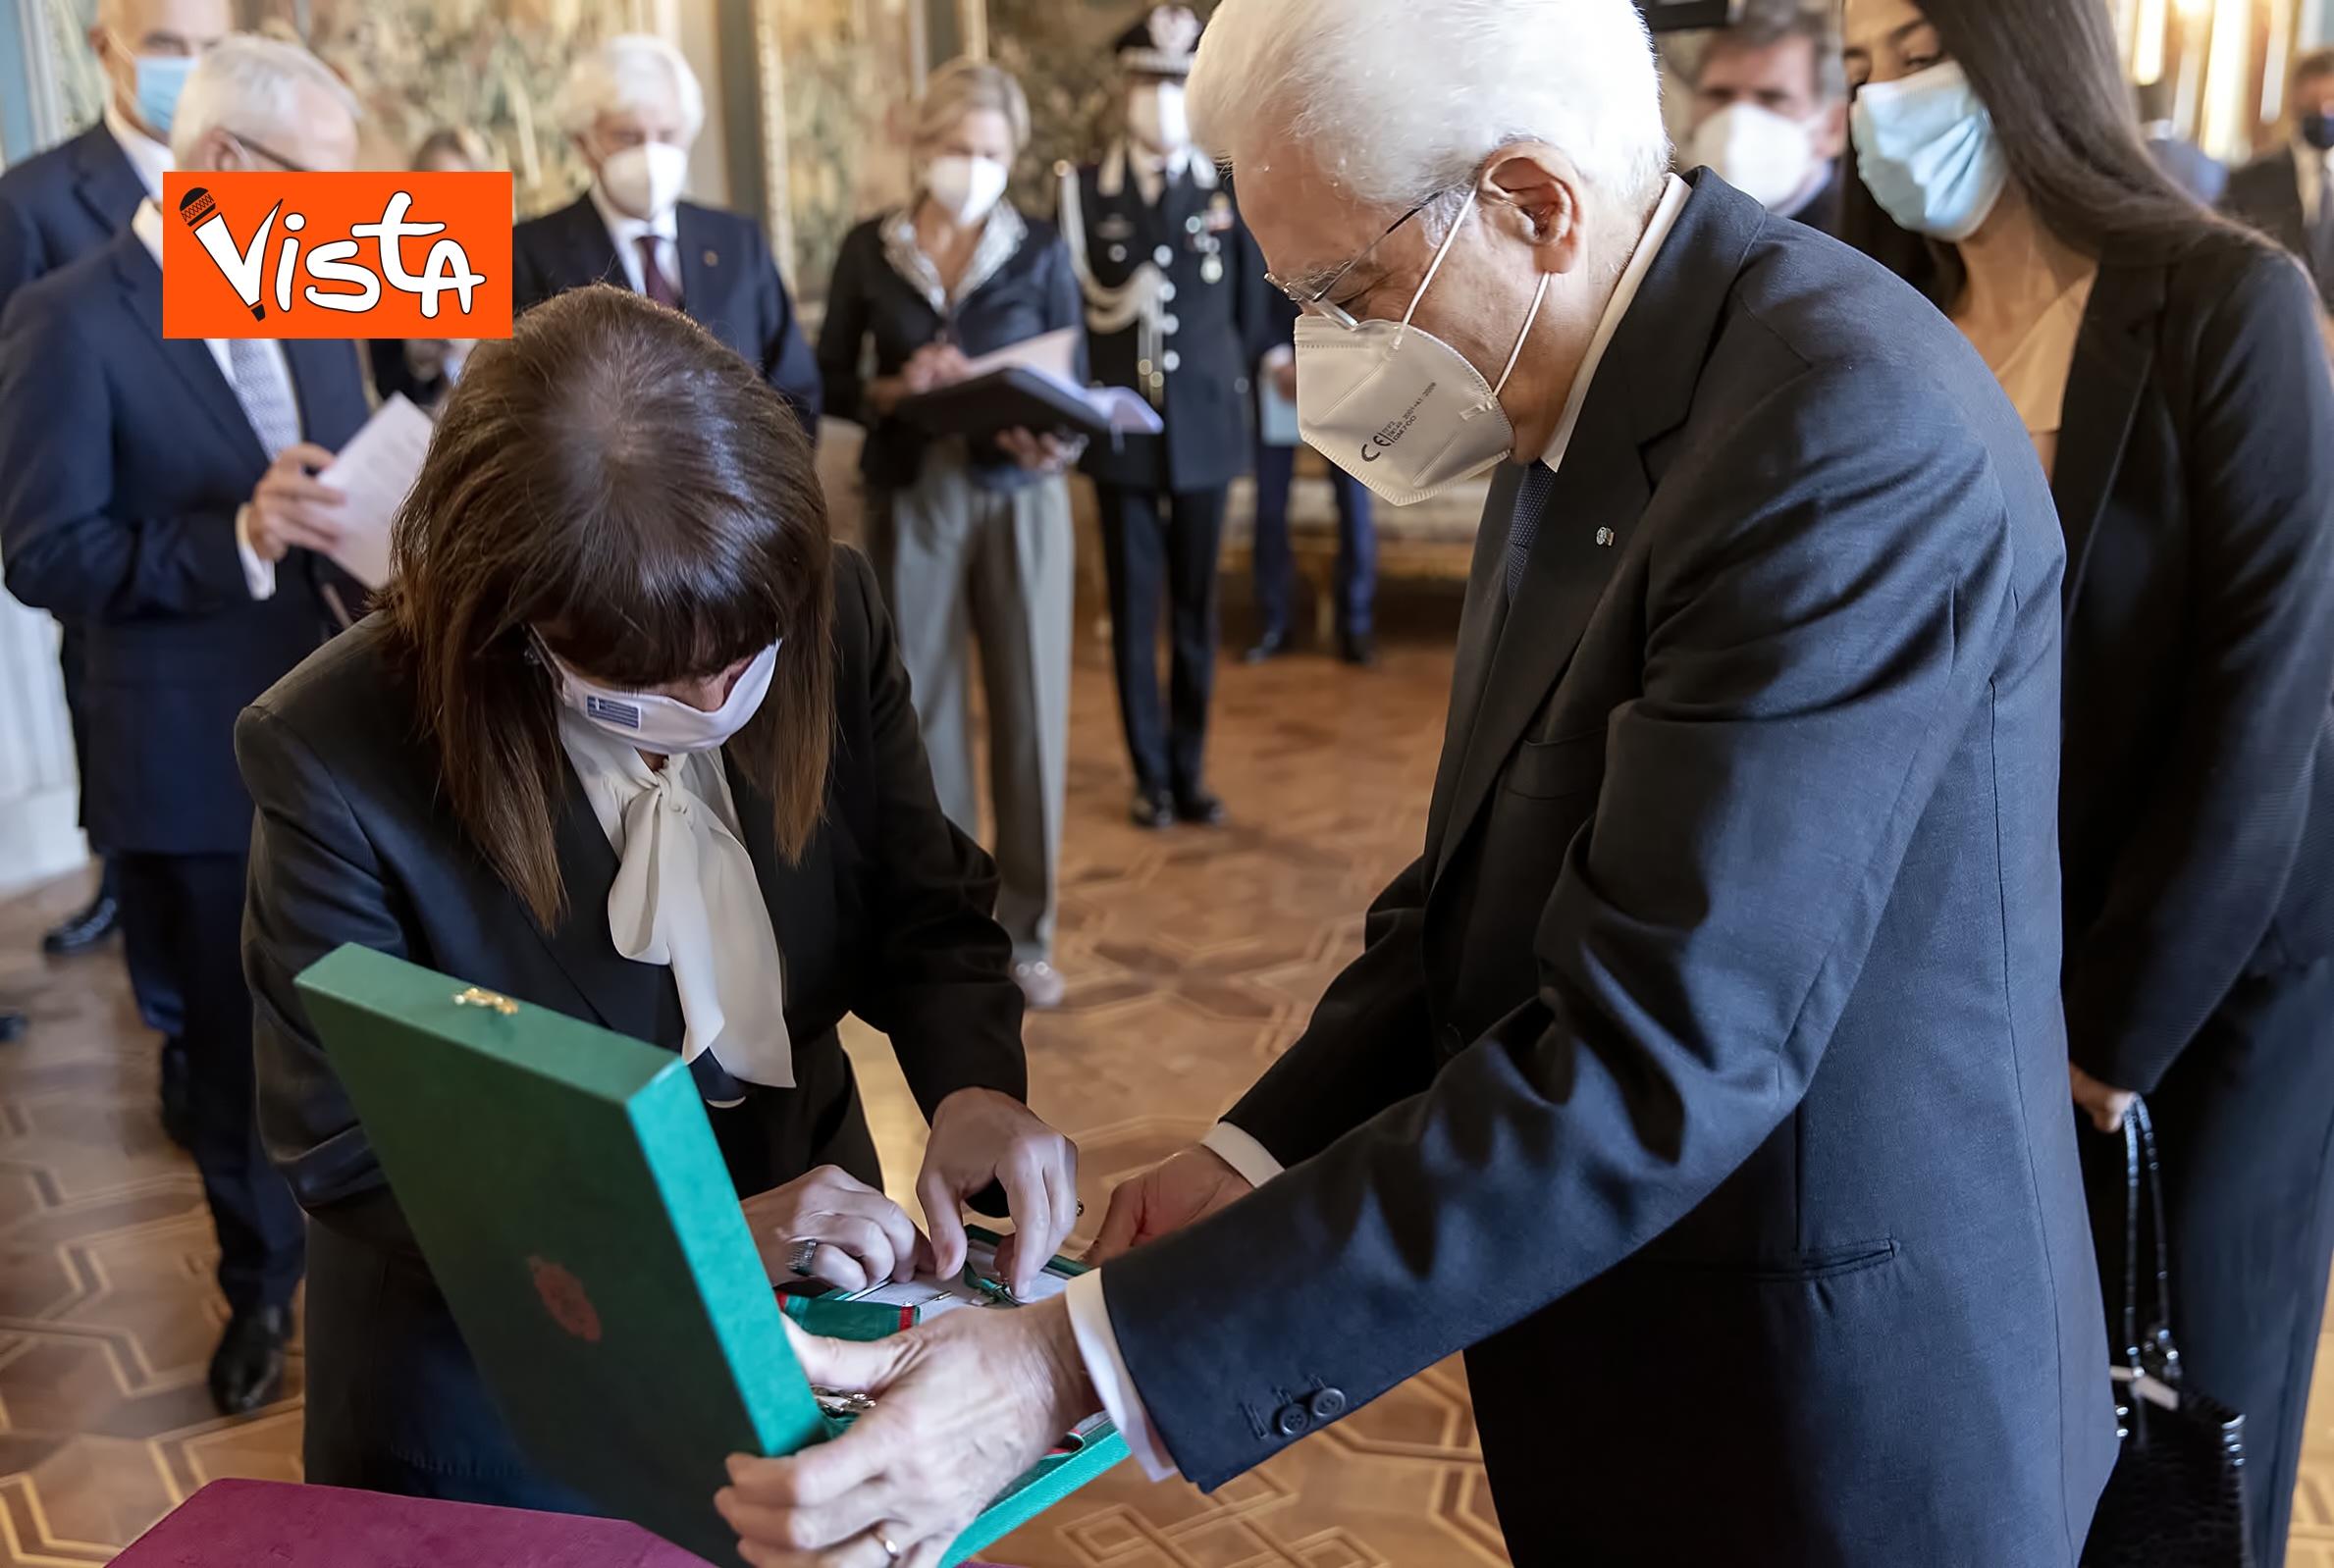 09-10-20 Mattarella riceve la Presidente della Repubblica Ellenica Sakellaropoulou, le immagini_11